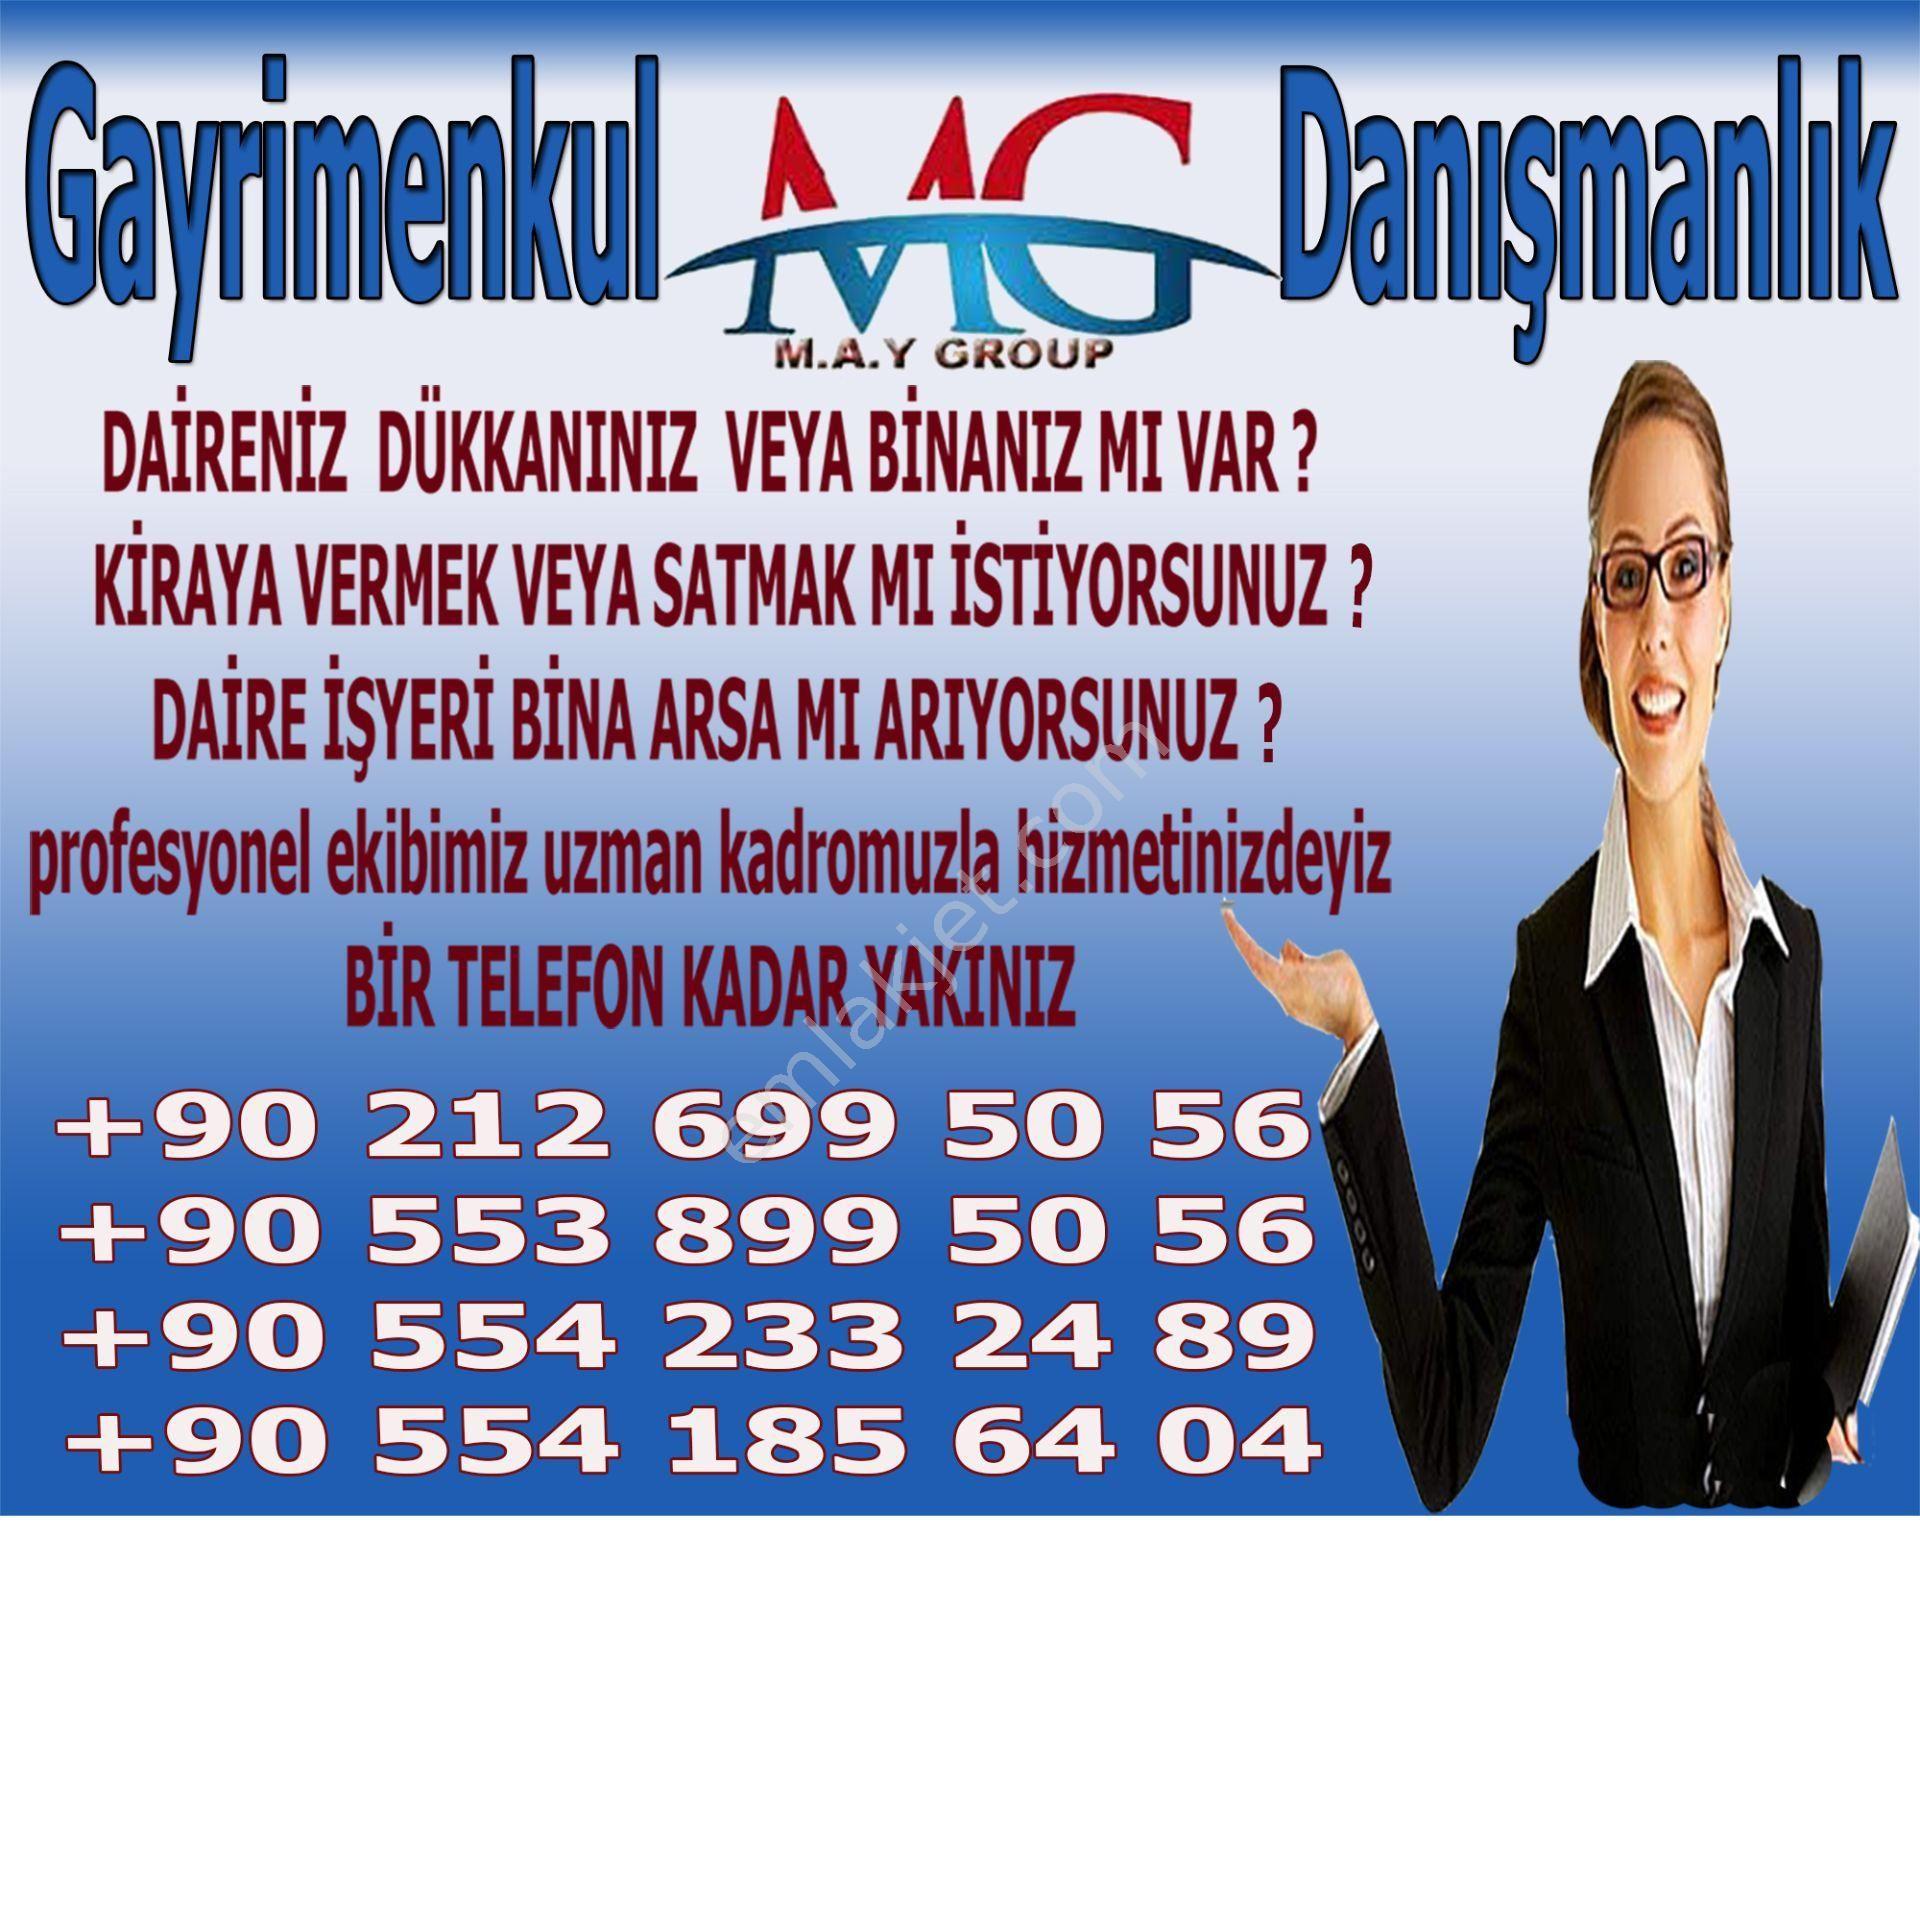 https://imaj.emlakjet.com/listing/9284827/E9A2A12F6E1EC9112D6AA145282A9A469284827.jpg